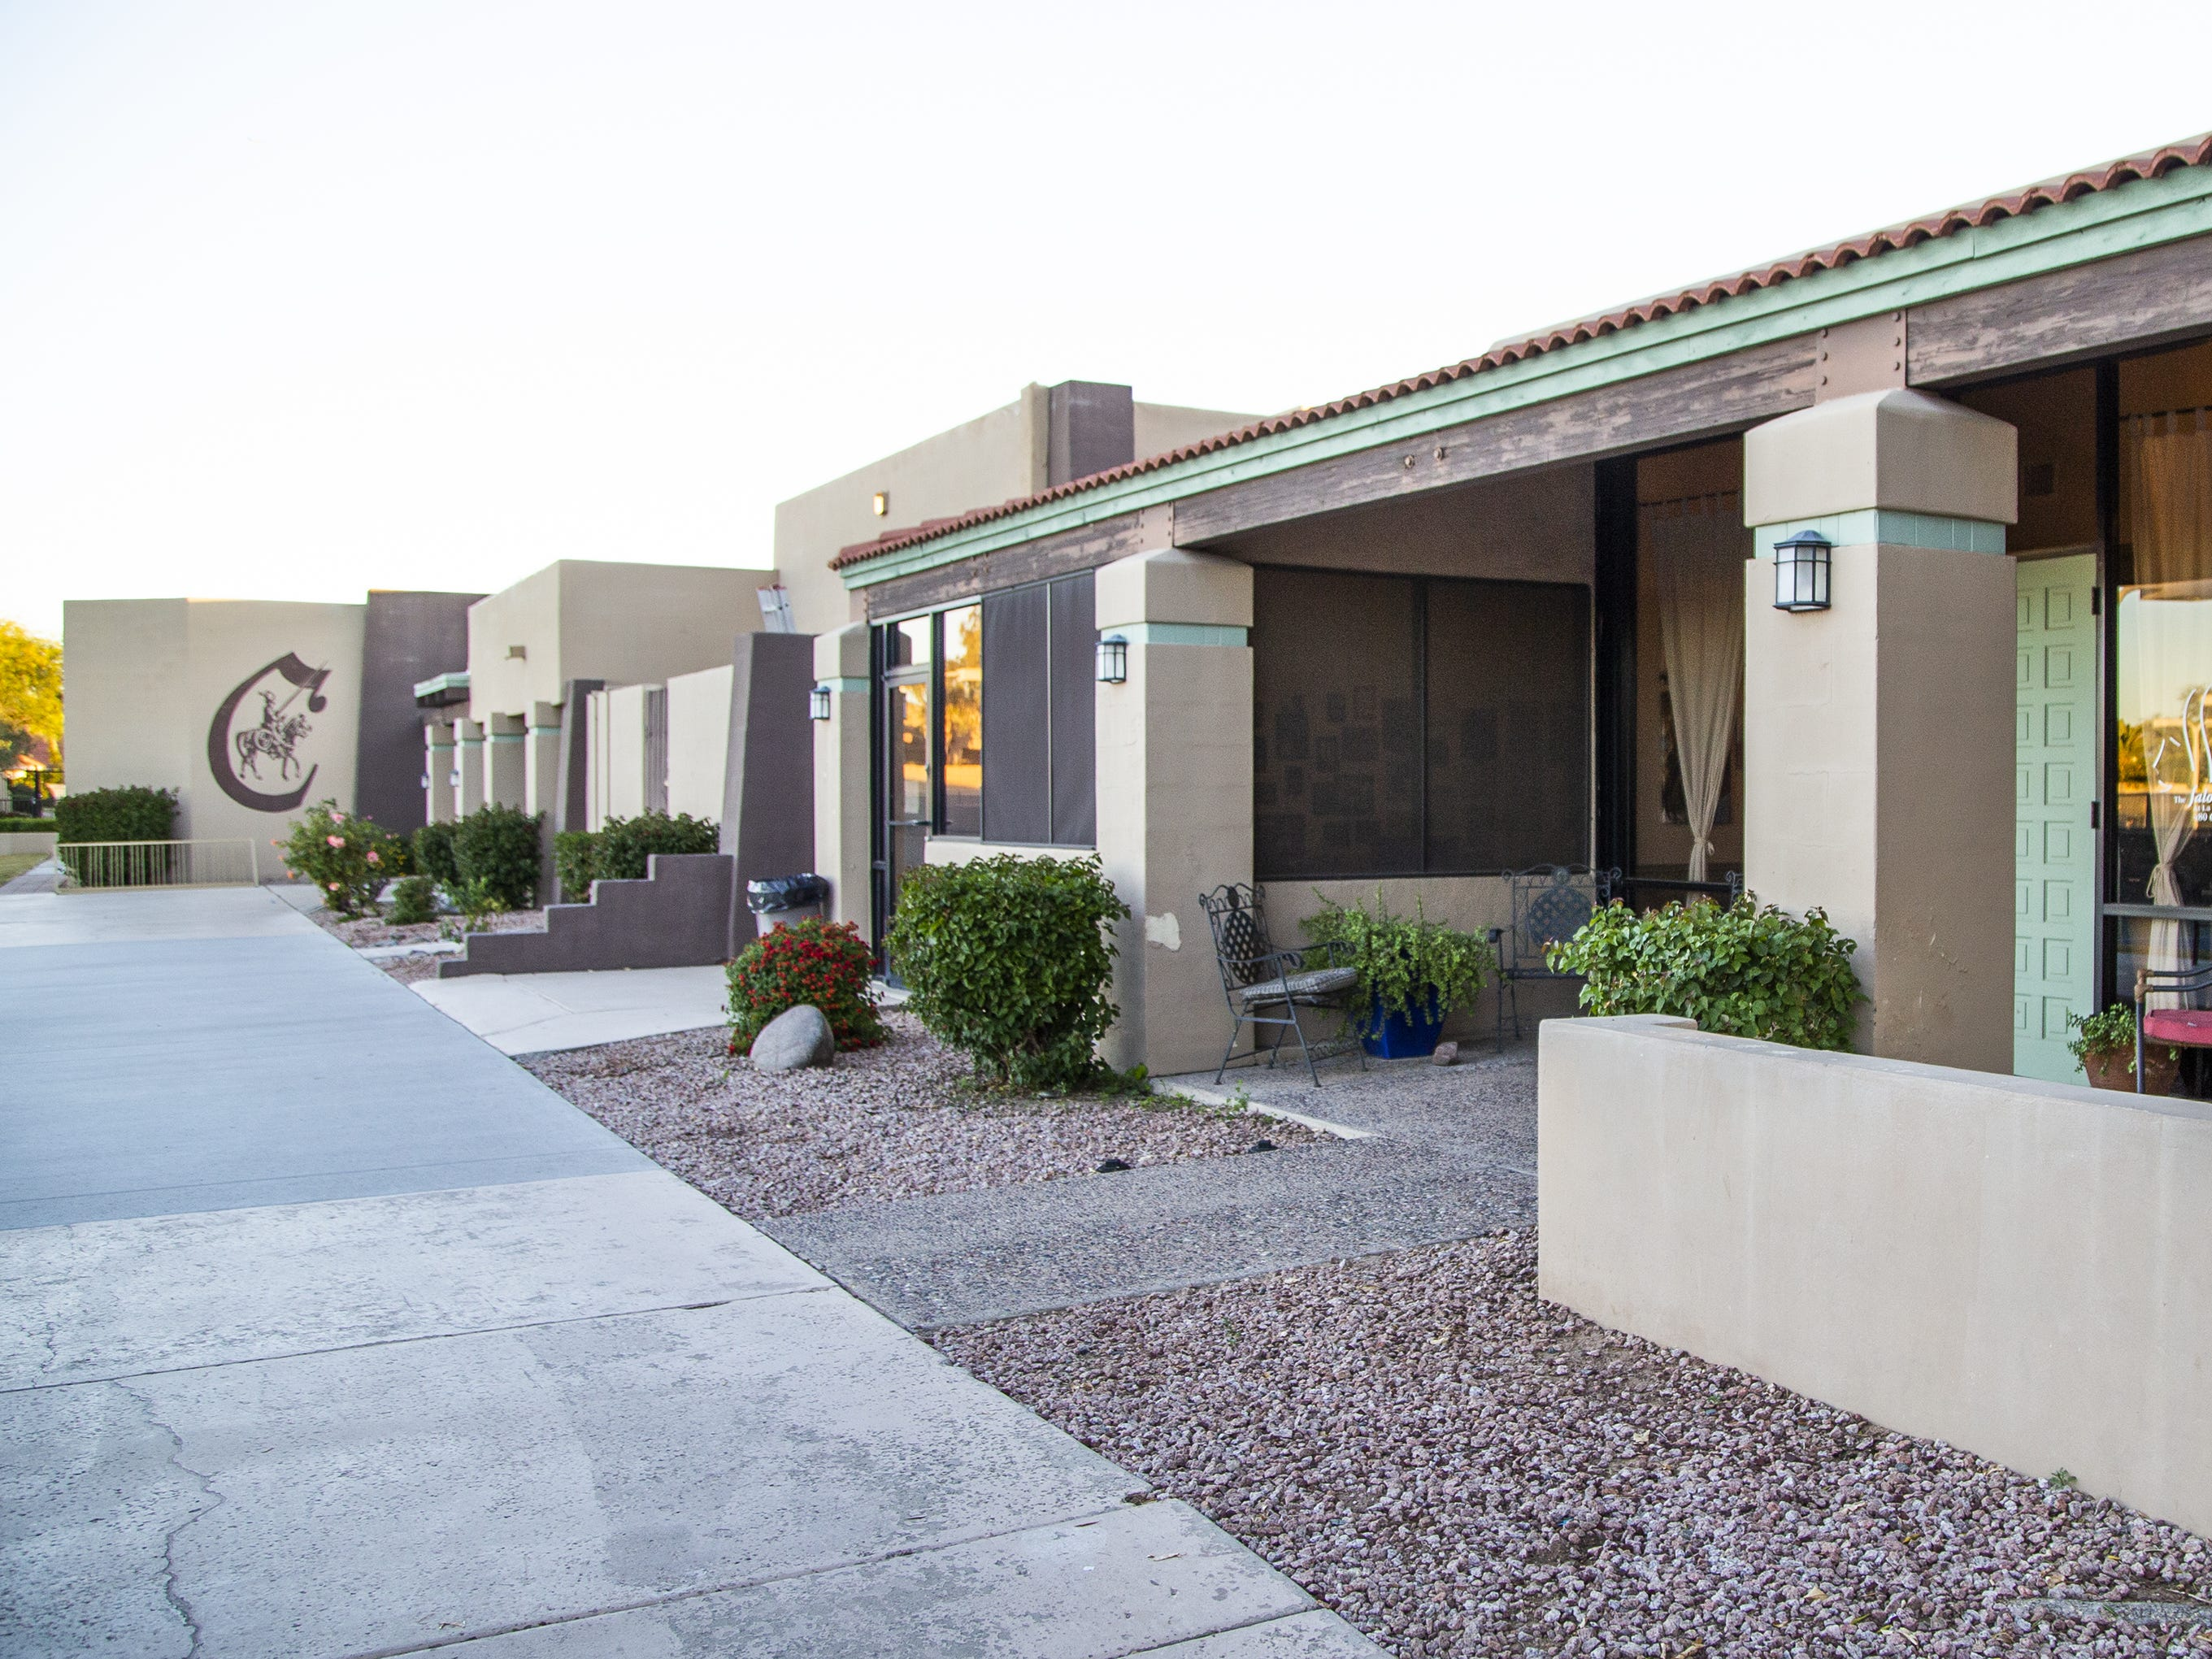 The Exterior of La Camarilla in Scottsdale on Dec. 18, 2018.